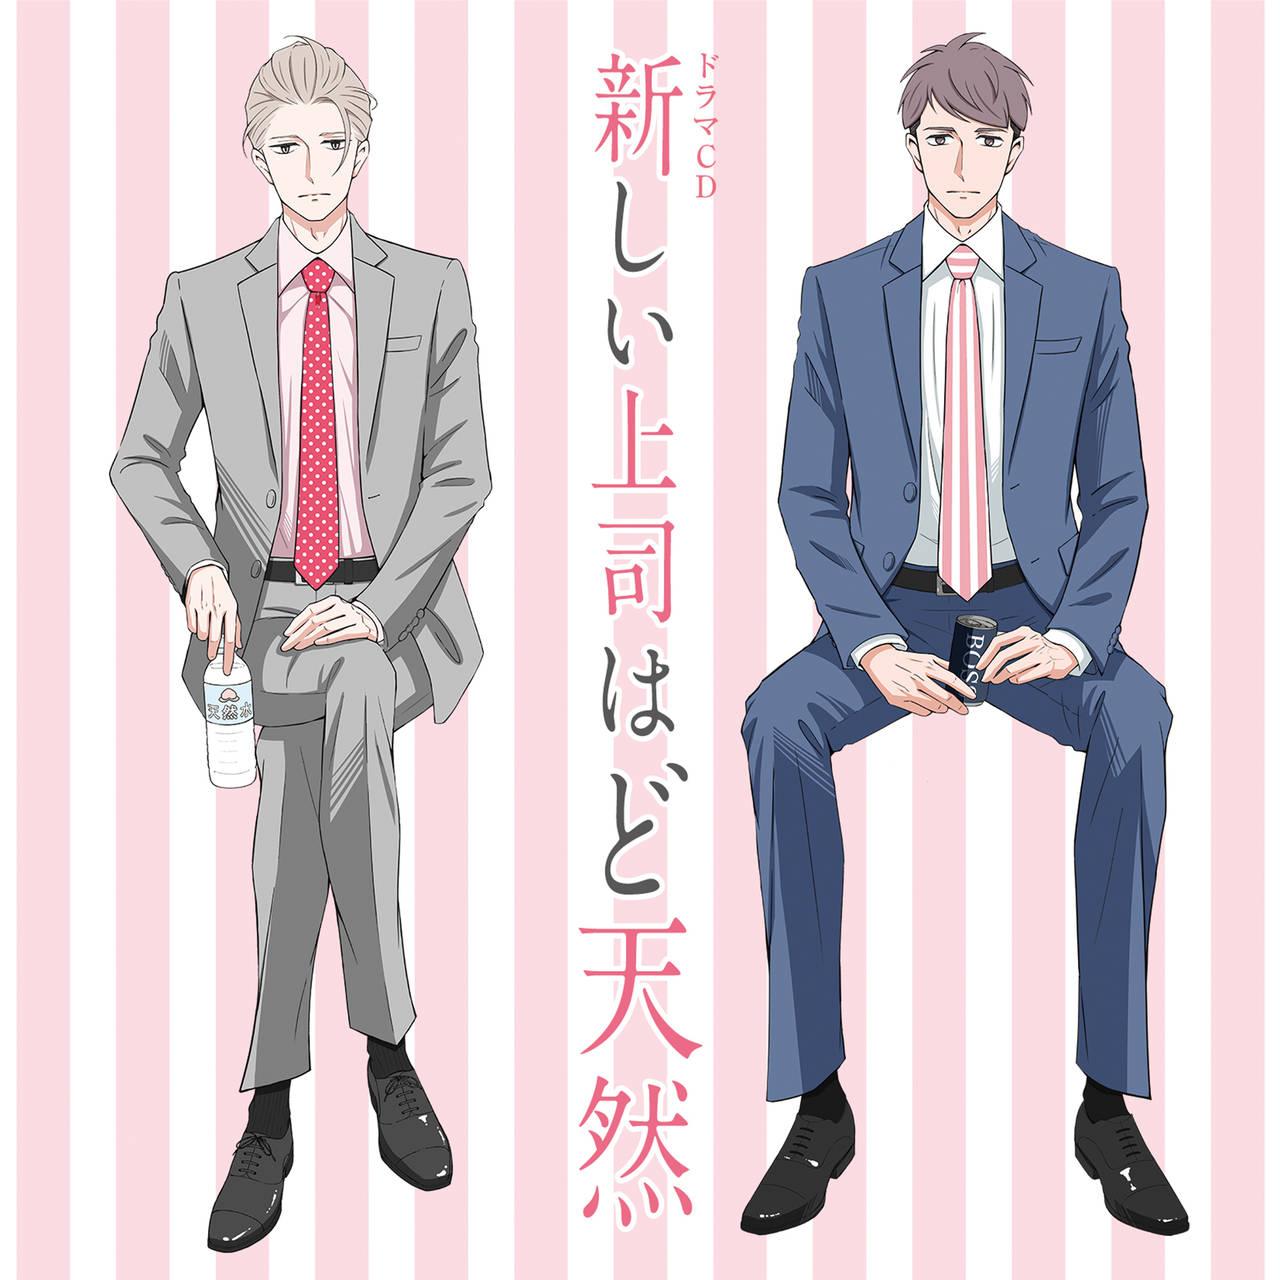 櫻井孝宏、西山宏太朗ら出演のドラマCD『新しい上司はど天然』ジャケット画像が解禁!